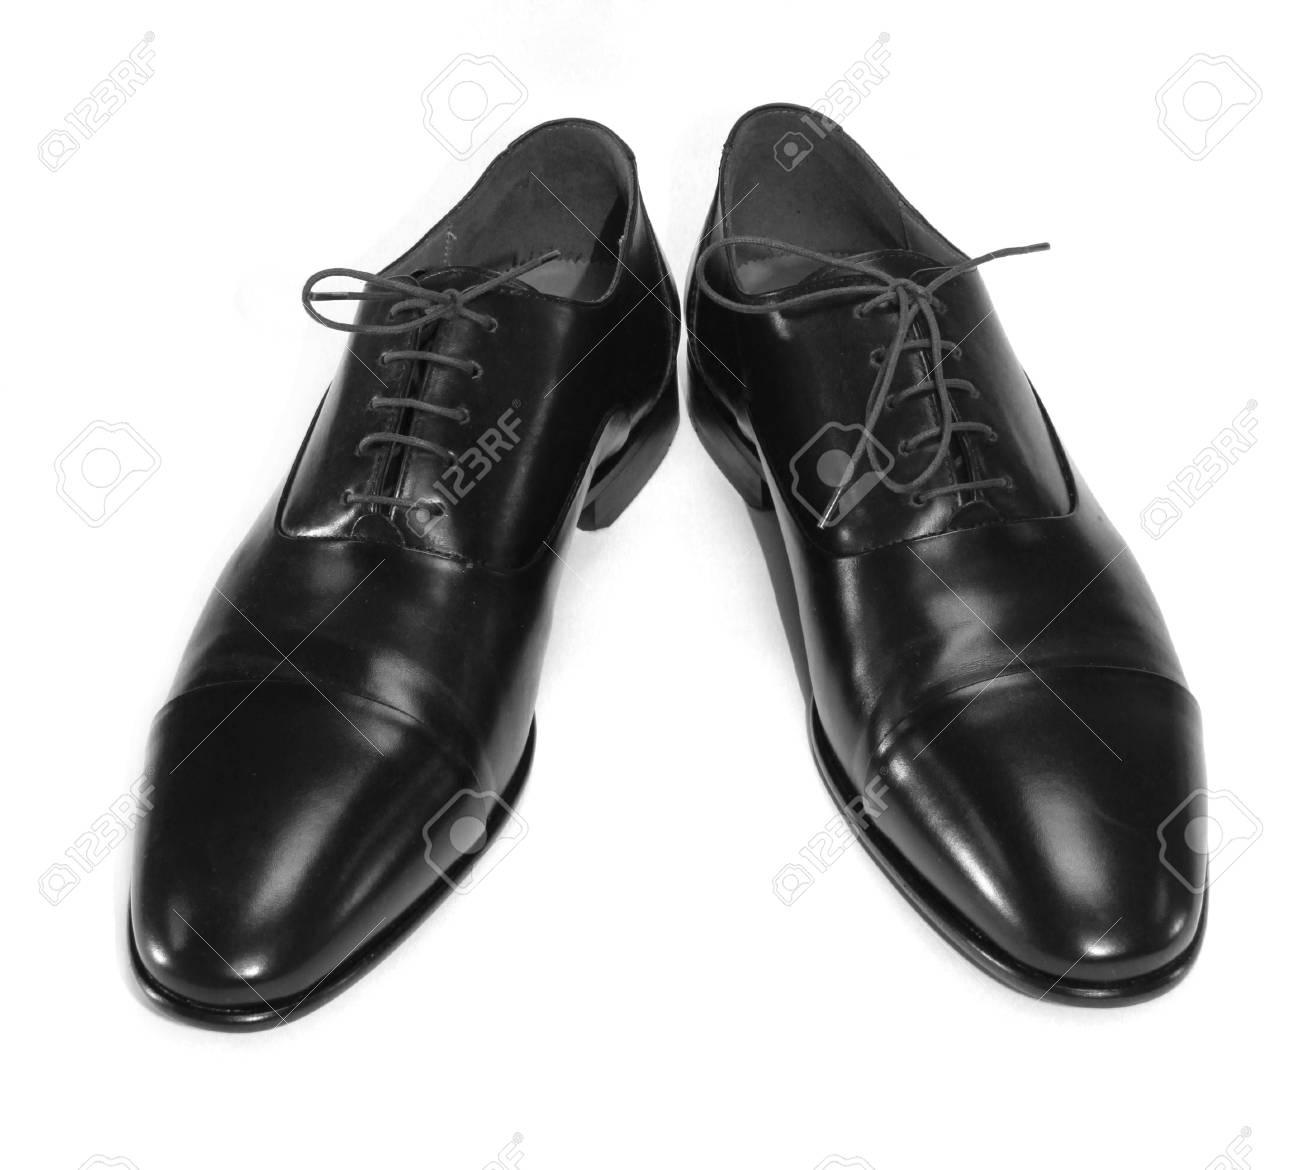 987d771bb6 Foto de archivo - Un par de zapatos negros del hombre aislado en el fondo  blanco